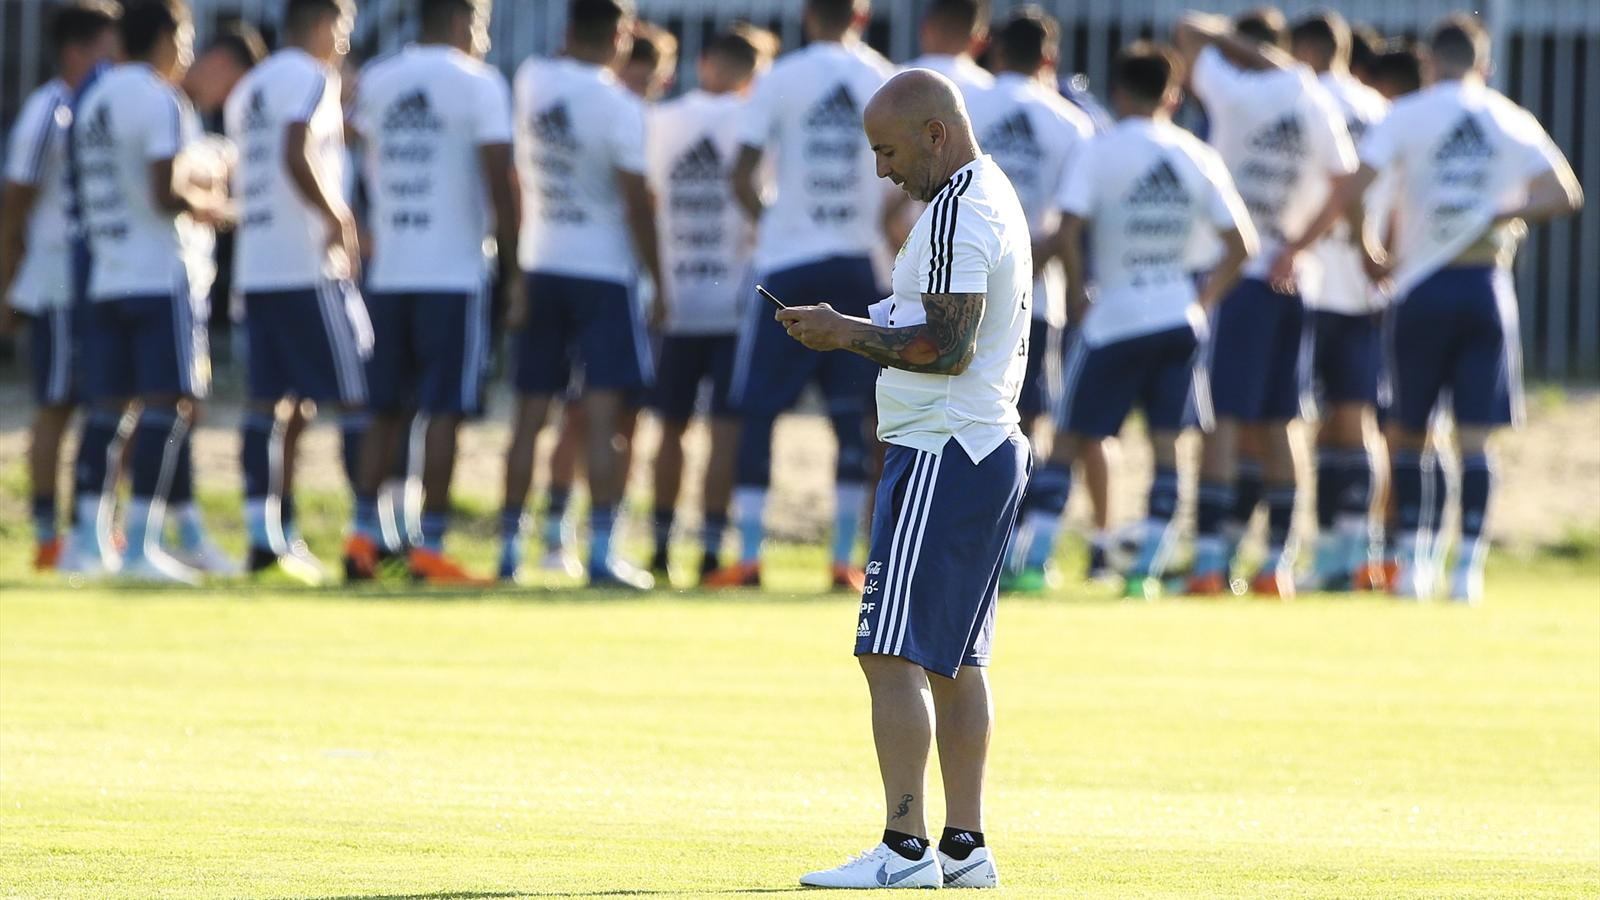 Quand l 39 argentine a failli imiter la france de knysna coupe du monde 2018 football eurosport - Classement buteur coupe de france ...